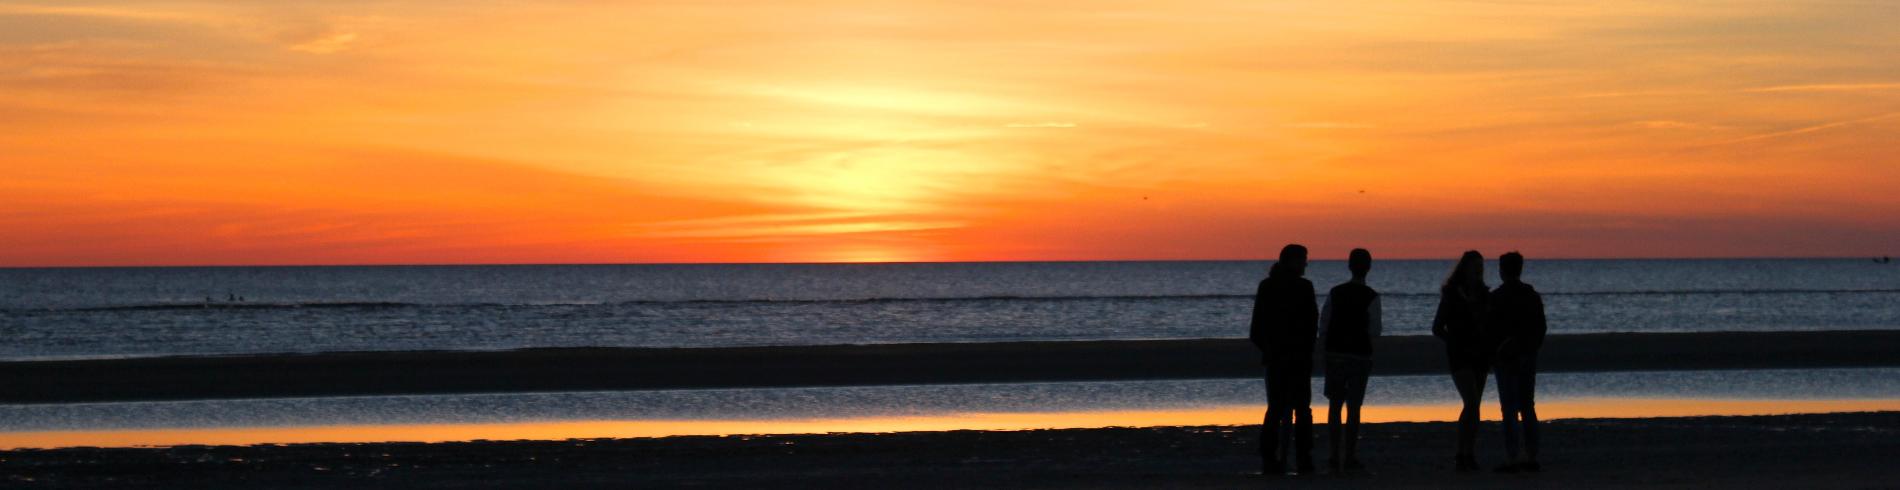 Nationalpark Vadehavet cover image